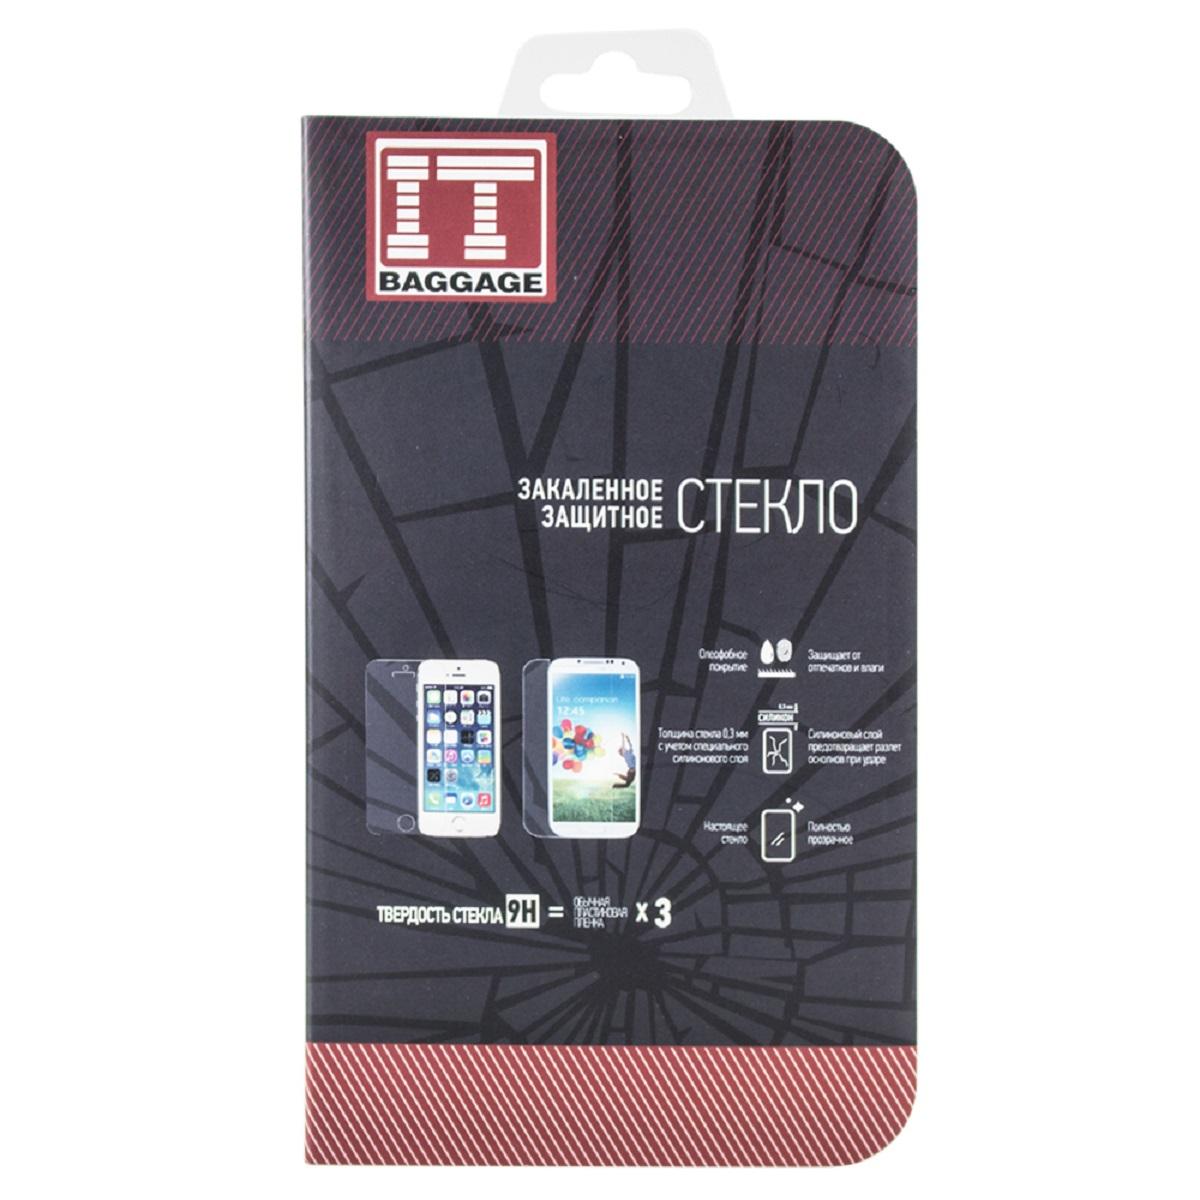 IT Baggage защитное стекло для Xiaomi Redmi Note 3ITXMRDN3GЗакаленное стекло IT Baggage для Xiaomi Redmi Note 3 - это самый верный способ защитить экран от повреждений и загрязнений. Обладает высочайшим уровнем прозрачности и совершенно не влияет на отклик экранного сенсора и качество изображения. Препятствует появлению отпечатков и пятен. Удалить следы жира и косметики с поверхности аксессуара не составить ни какого труда.Характеристики защитного стекла делают его износостойким к таким механическим повреждениям, как царапины, сколы, потертости. При сильном ударе разбившееся стекло не разлетается на осколки, предохраняя вас от порезов, а экран устройства от повреждений.После снятия защитного стекла с поверхности дисплея, на нем не остаются повреждения, такие как потертости и царапины.